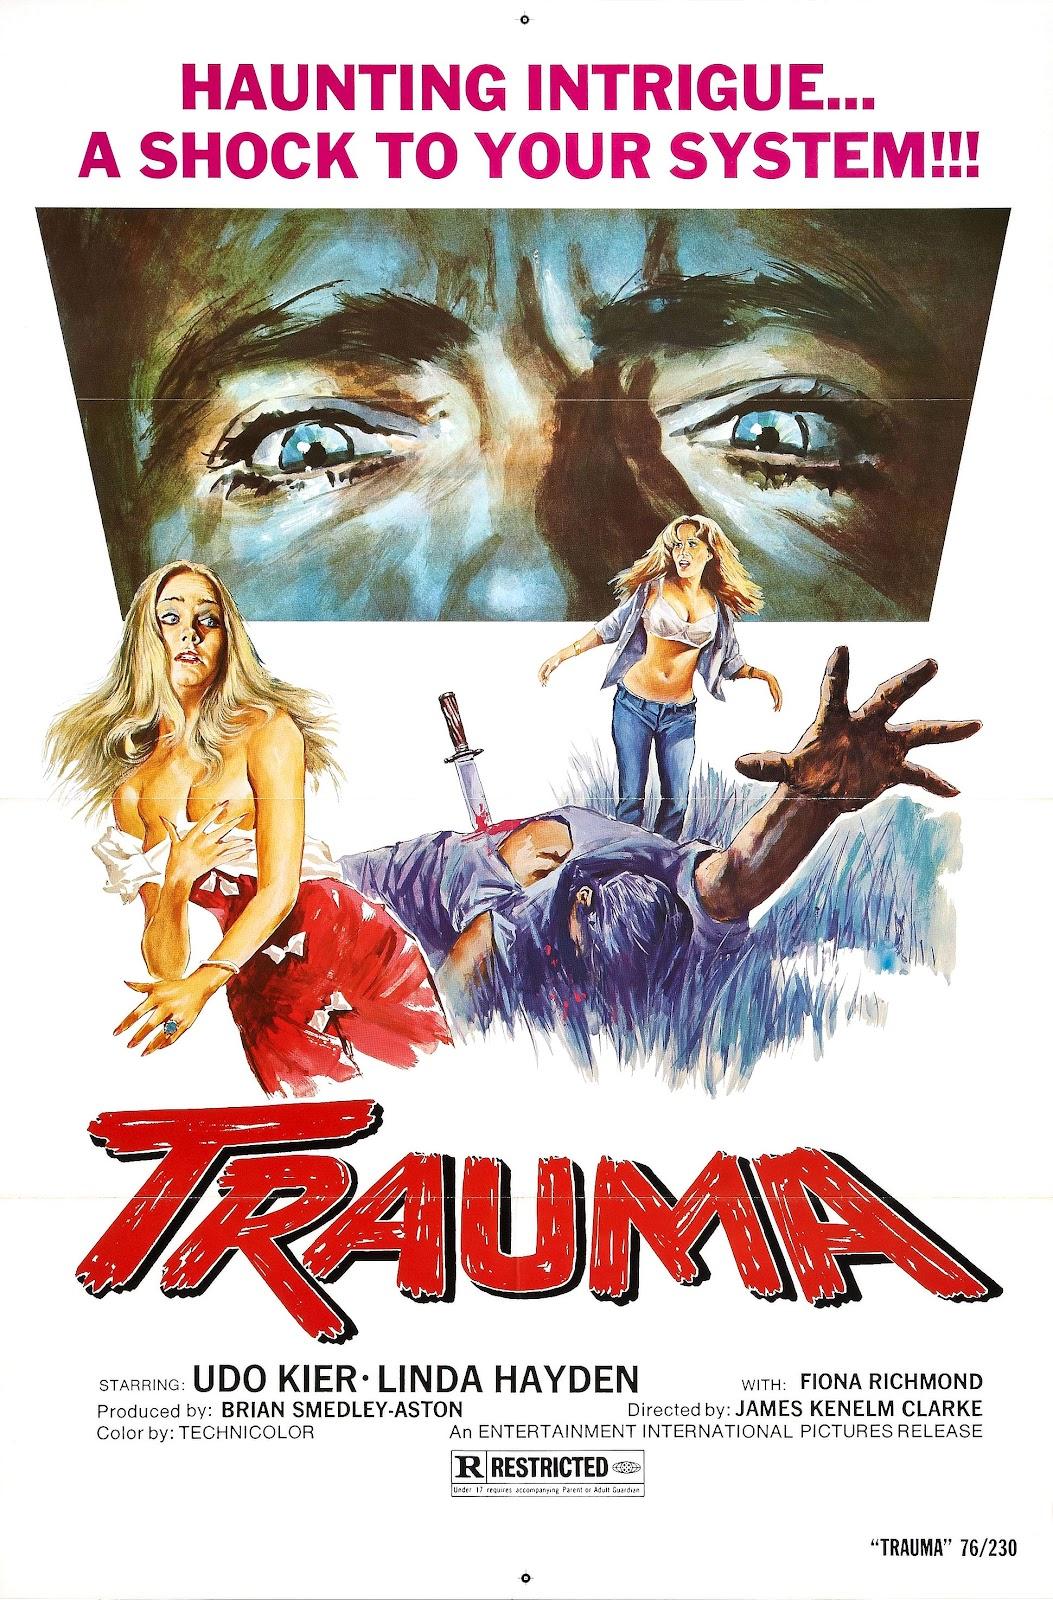 http://4.bp.blogspot.com/-CsXSyq4Z4XY/T93JqMu0H1I/AAAAAAAARJQ/e4Jxnyiahl8/s1600/trauma+1976.jpg